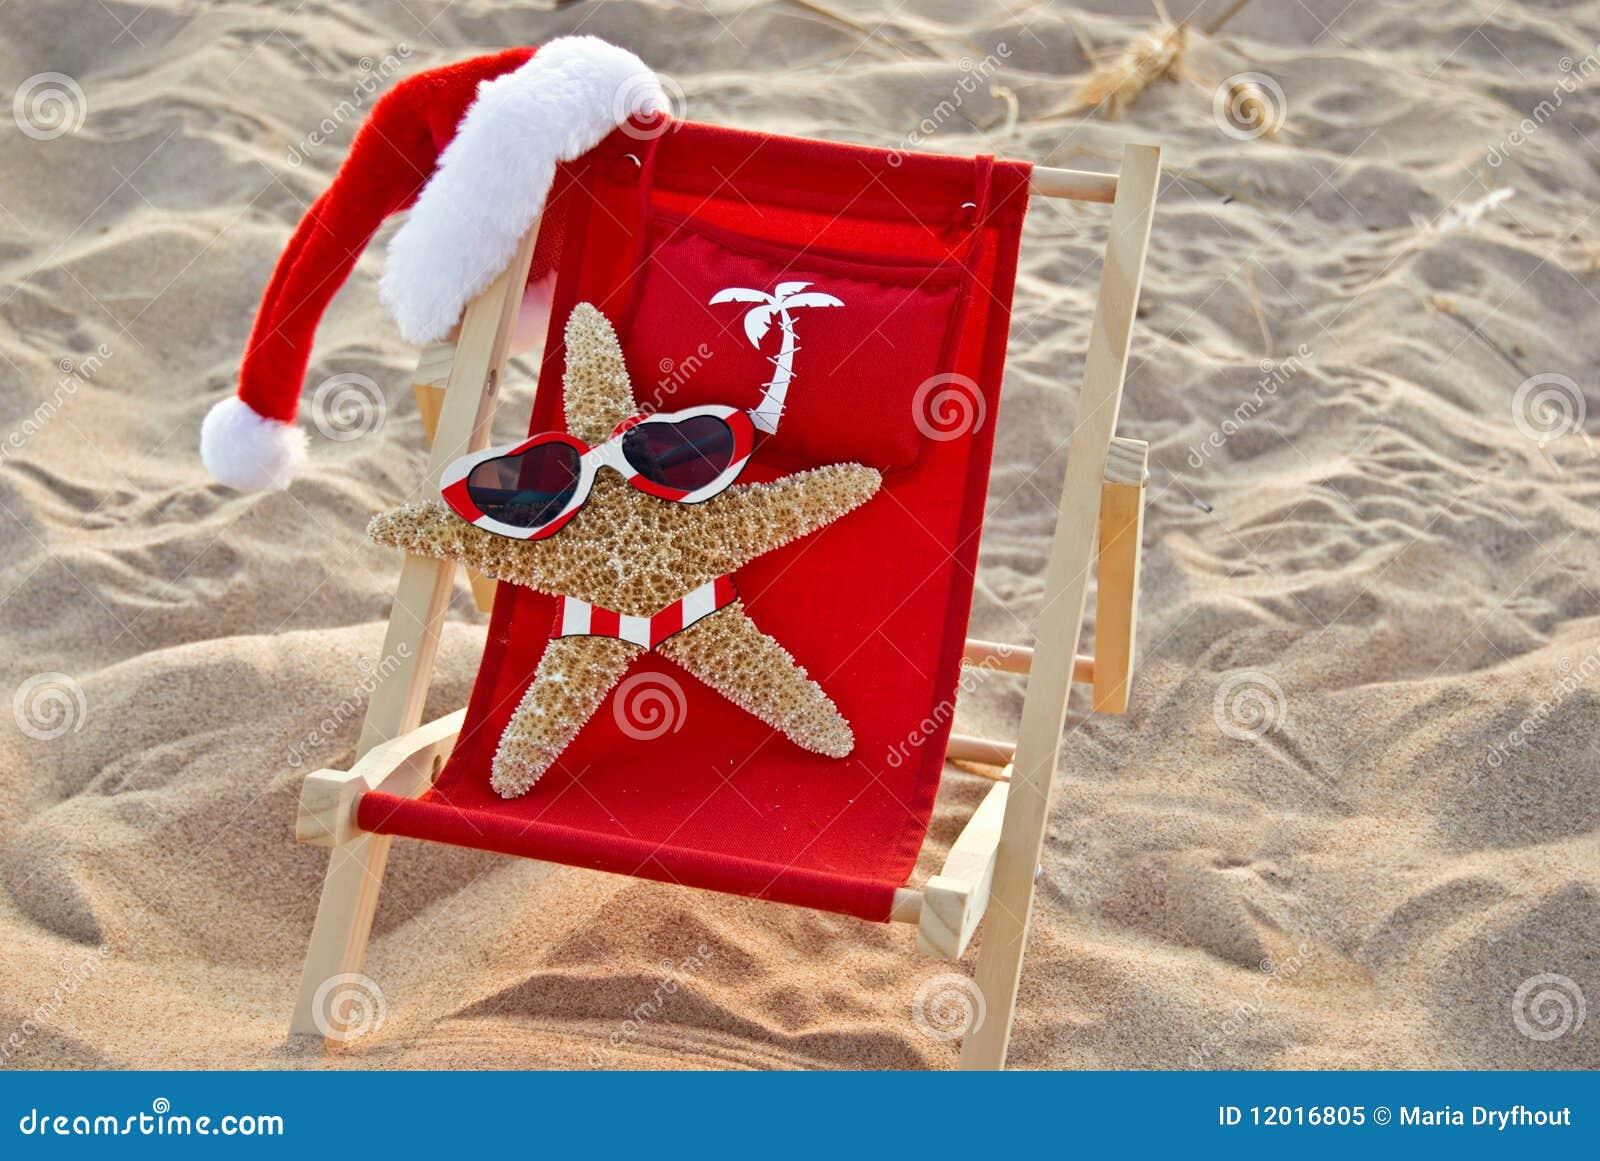 Santa Starfish on a red beach chair